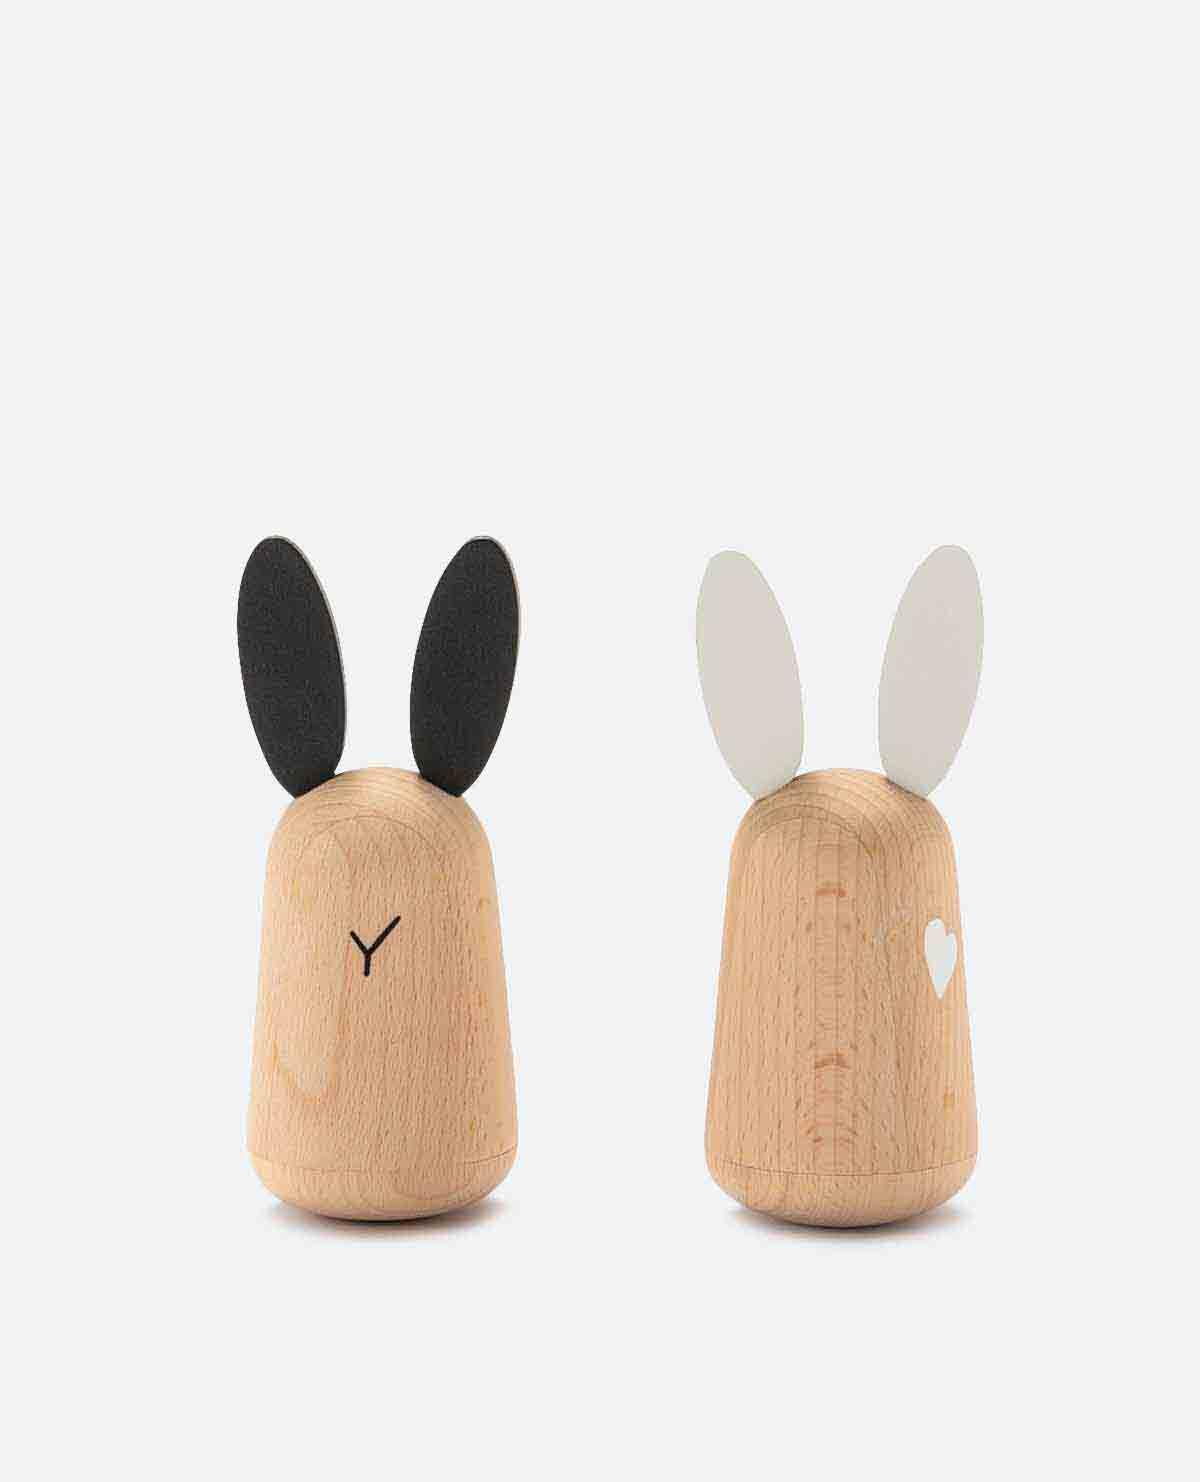 ウサギ おもちゃ 玩具 がらがら ラトル 木製